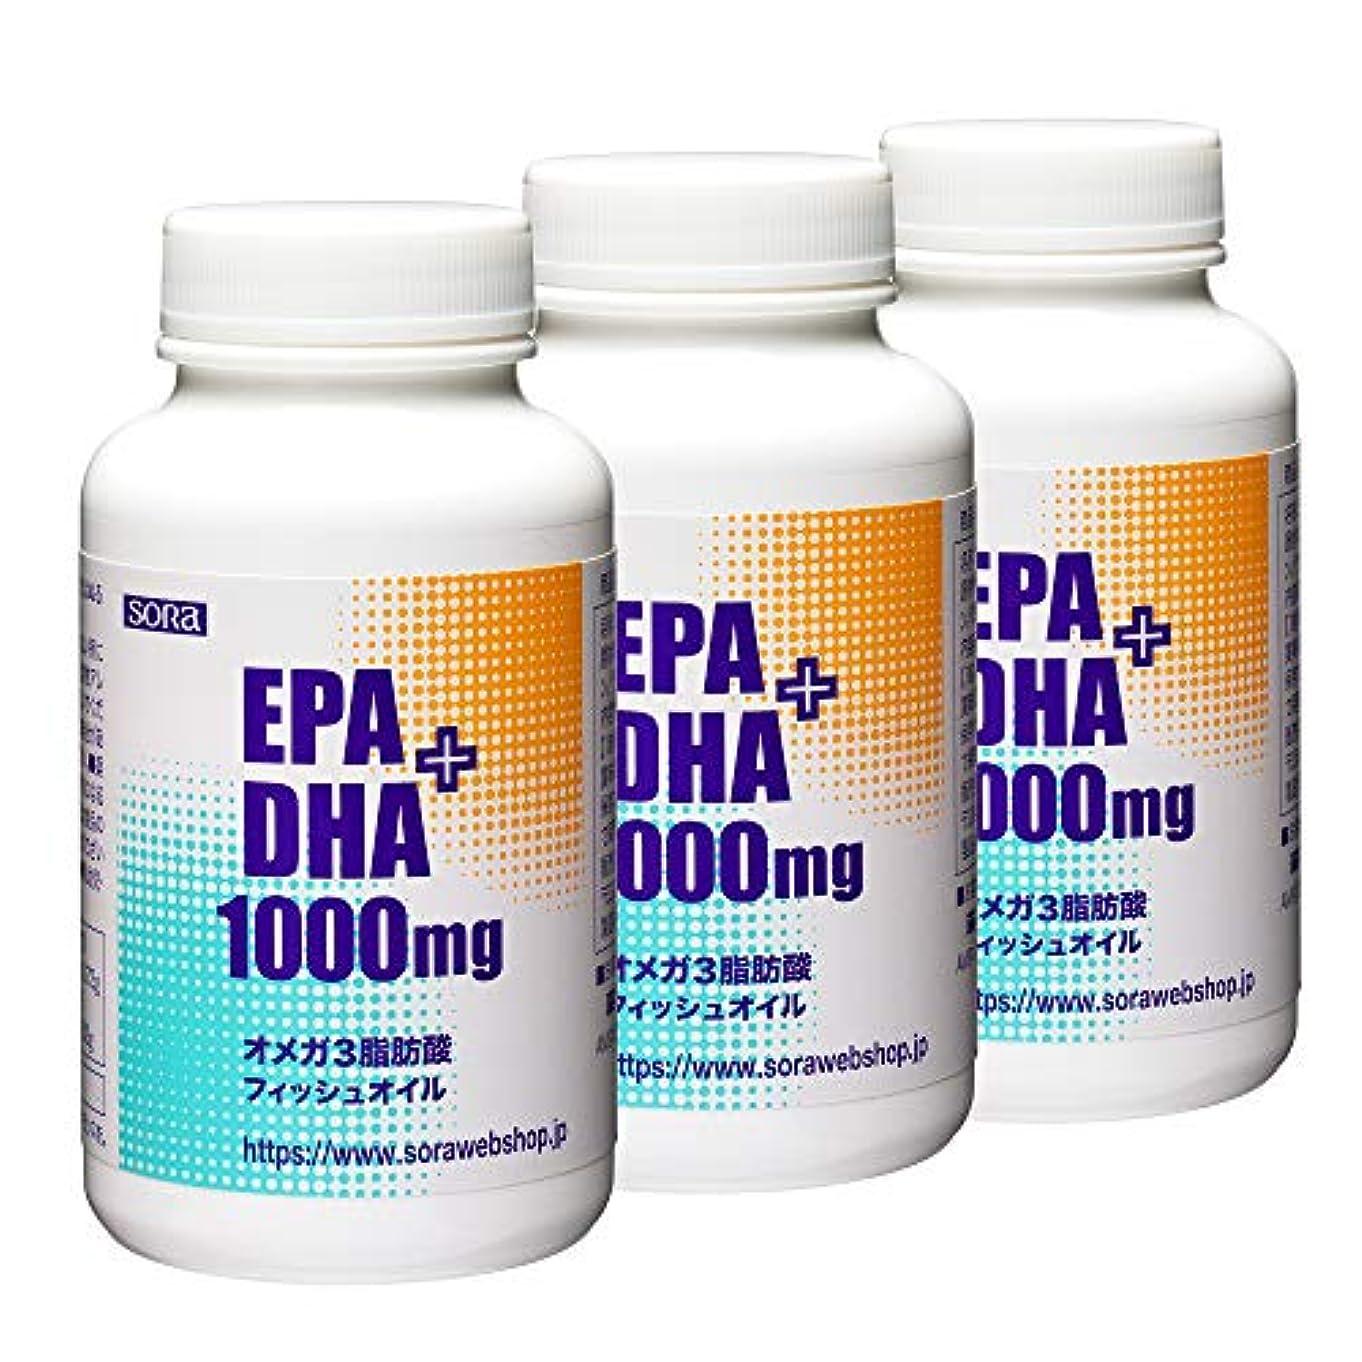 有害誕生日方言【まとめ買い】そら EPA+DHA 1000mg (魚のオイル オメガ3) 【180粒入 × 3本セット】[5% OFF]